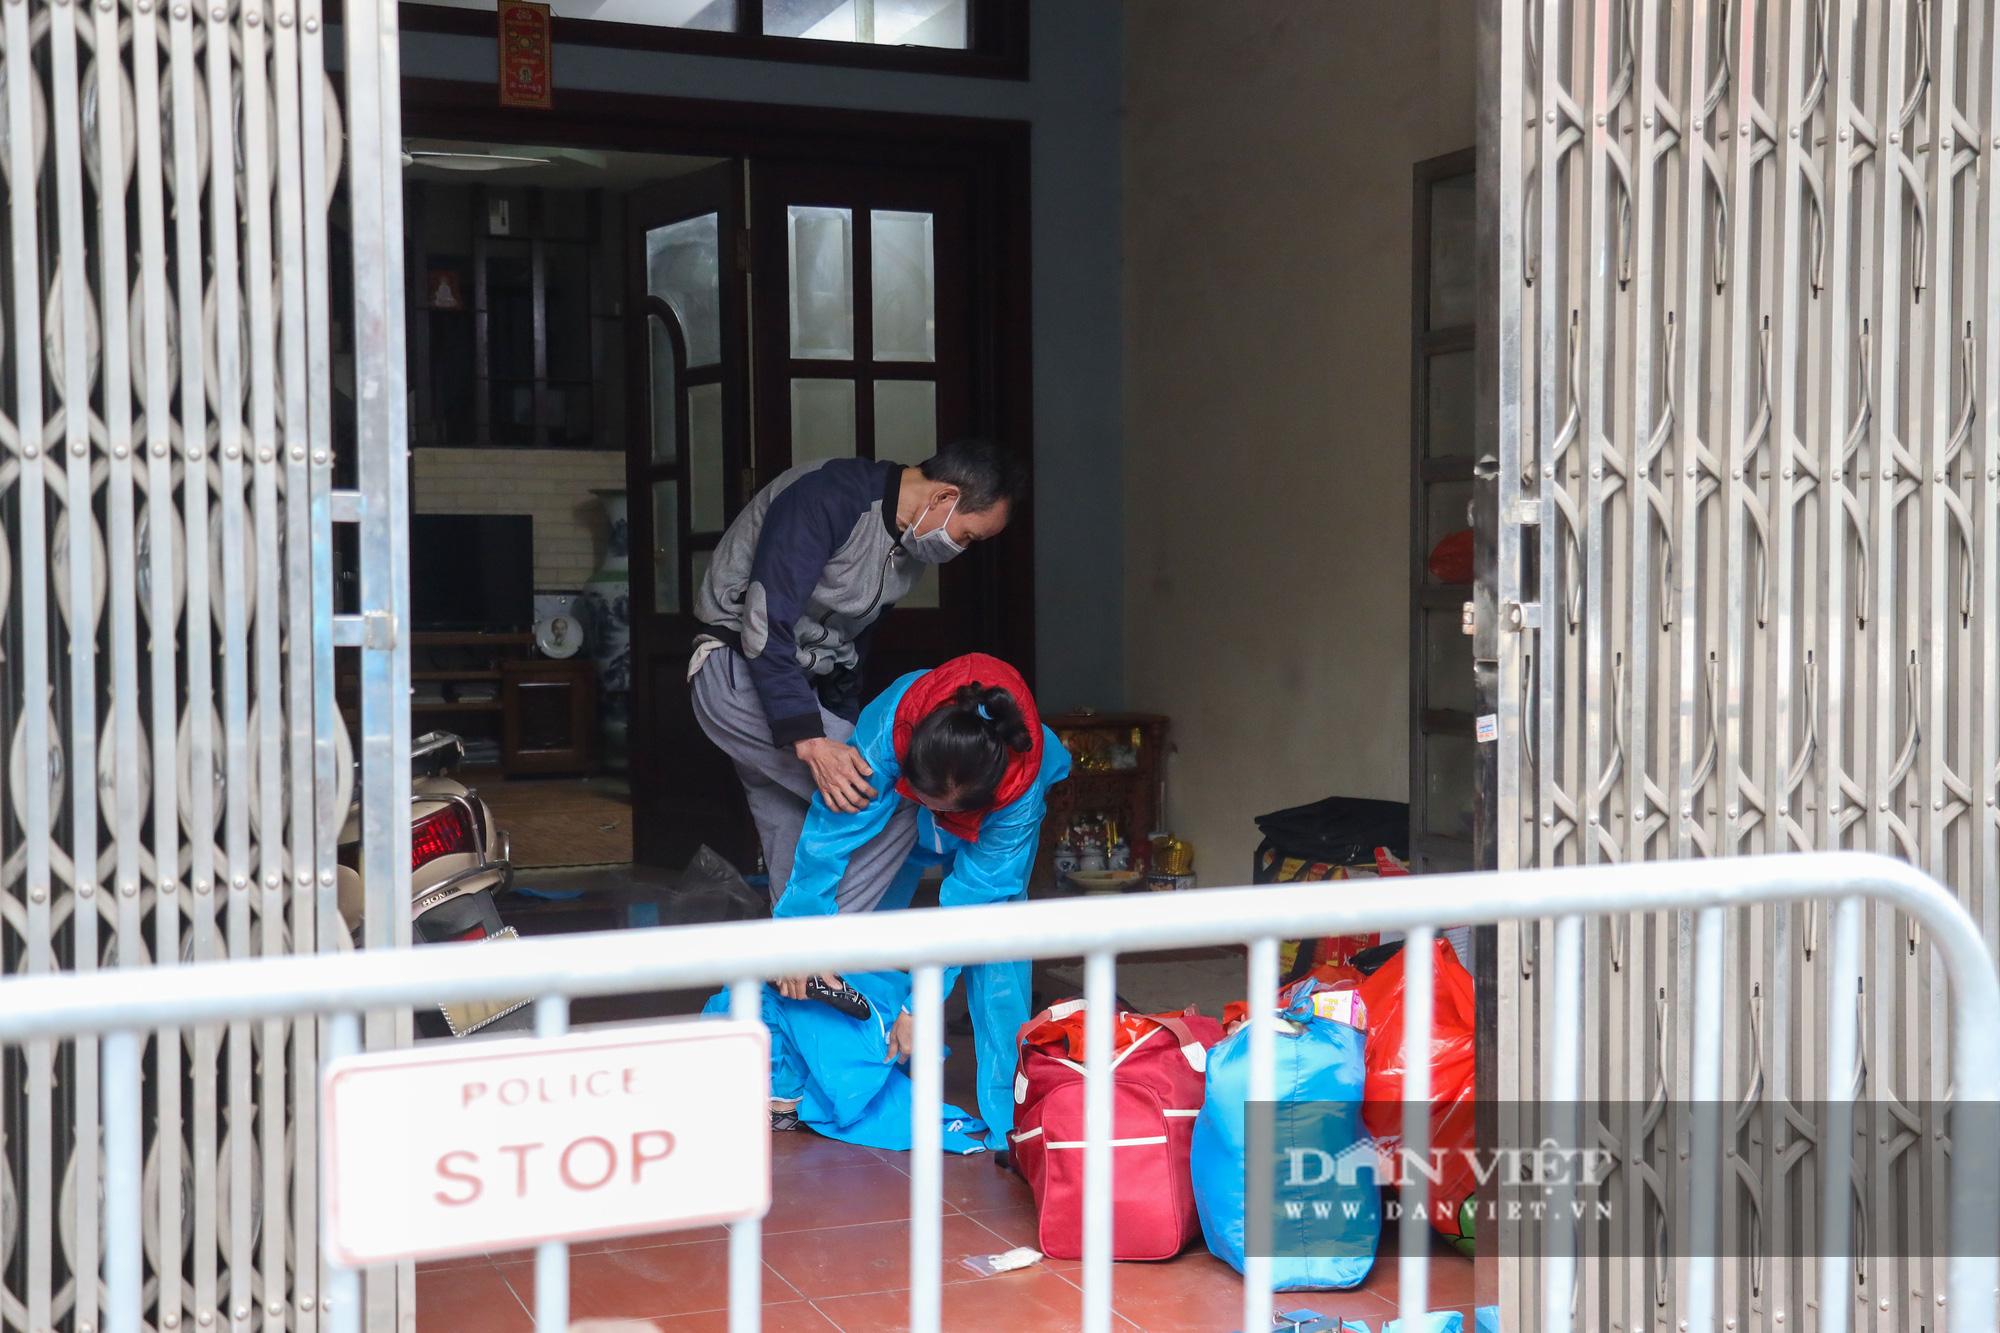 Đưa bố mẹ vợ của ca nhiễm Covid-19 thứ 3 ở Hà Nội đi cách ly - Ảnh 5.